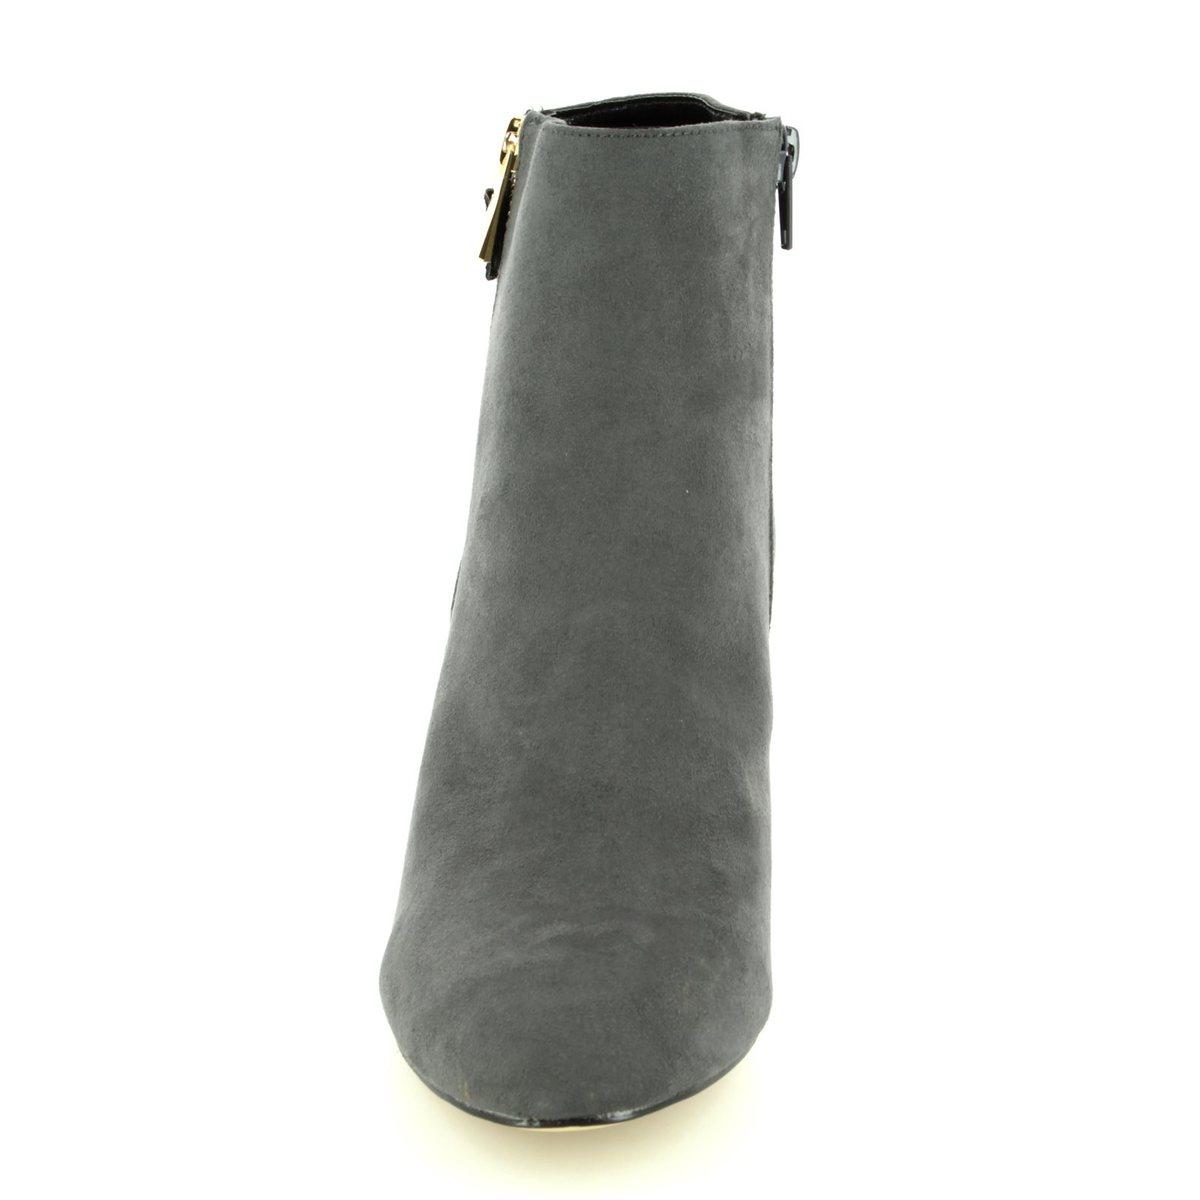 85e1e3c82c2 Lotus Ankle Boots - Grey multi - 40379 00 CASSIA